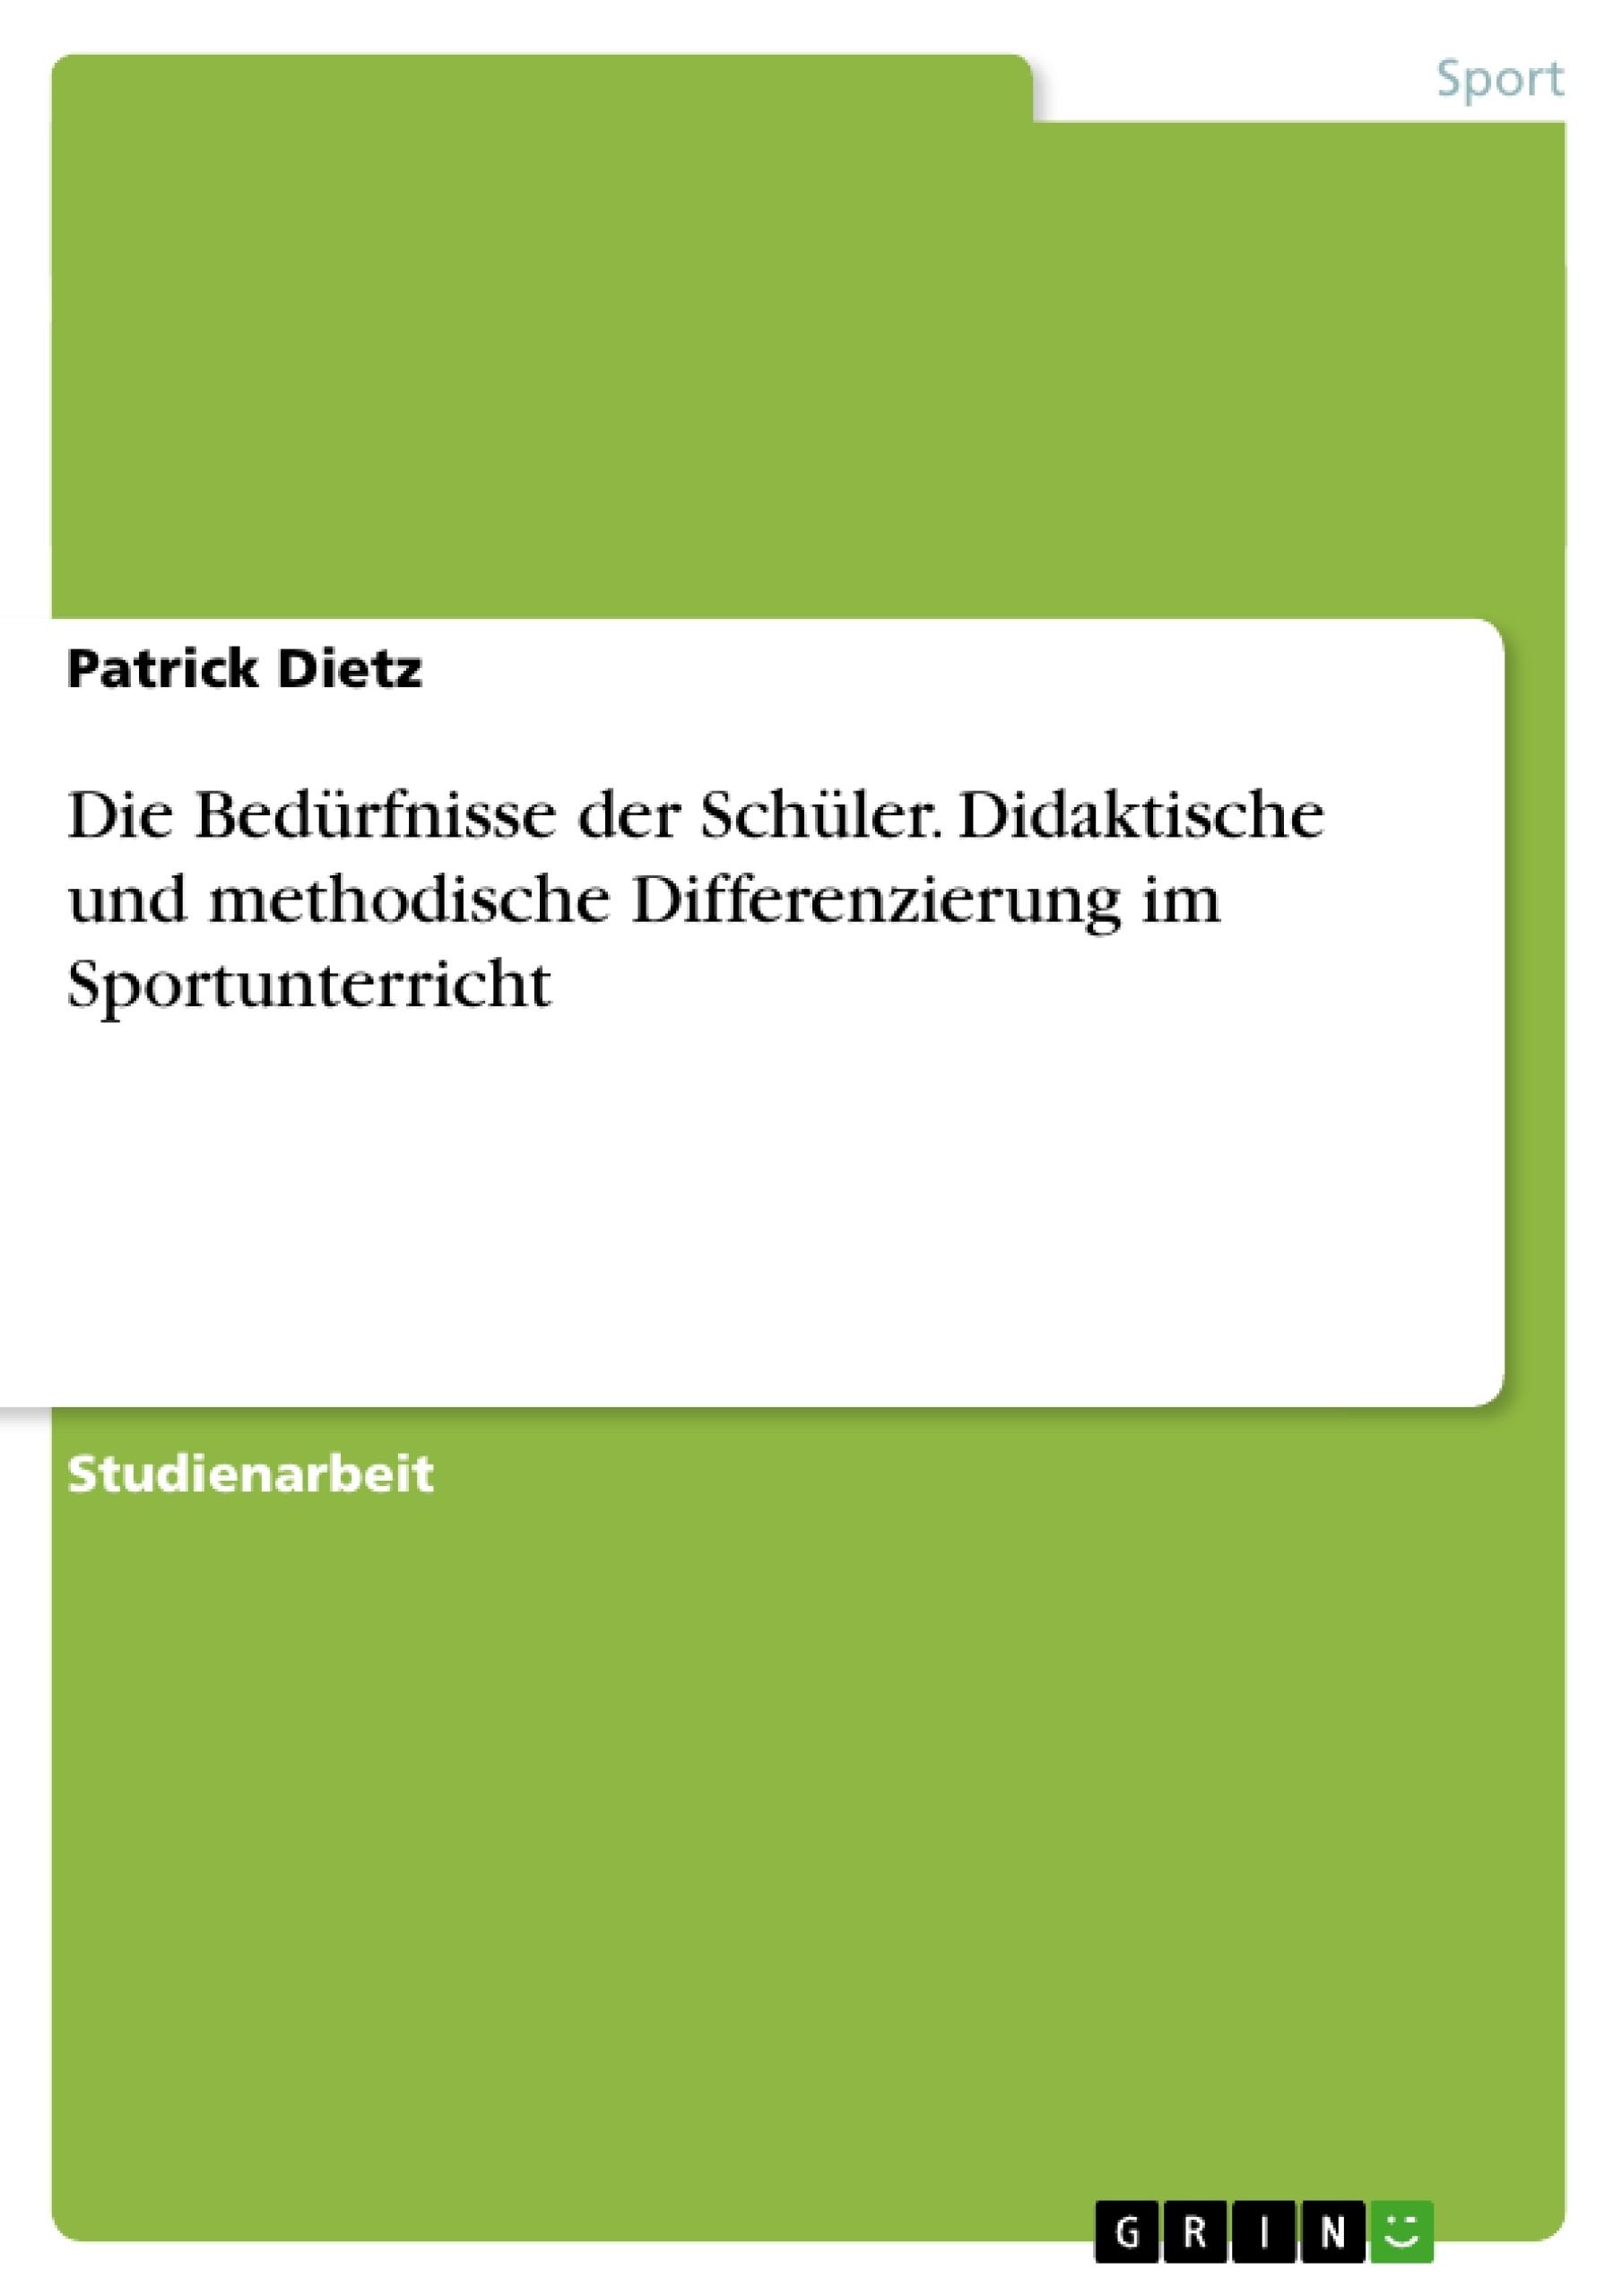 Titel: Die Bedürfnisse der Schüler. Didaktische und methodische Differenzierung im Sportunterricht